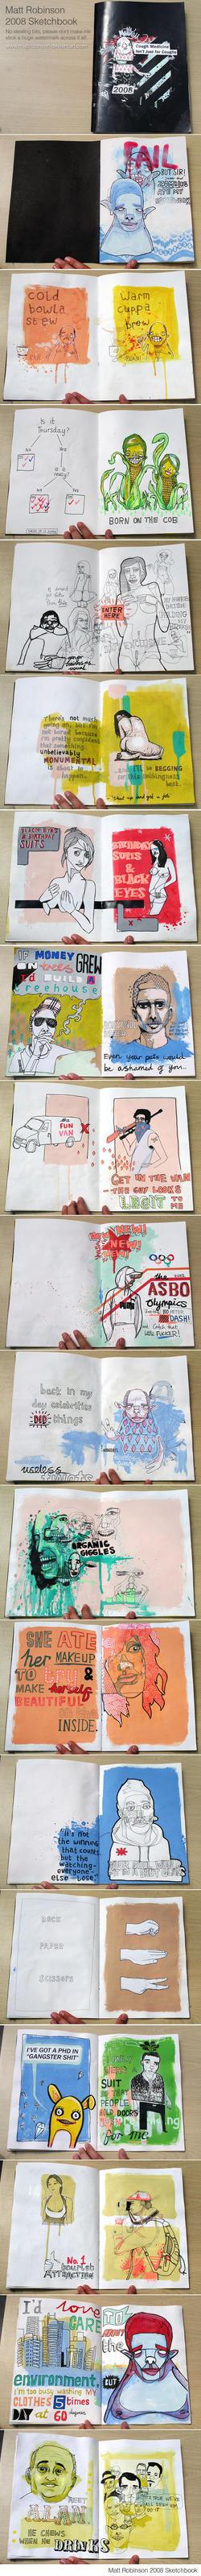 2008 Sketchbook by mattrobinson